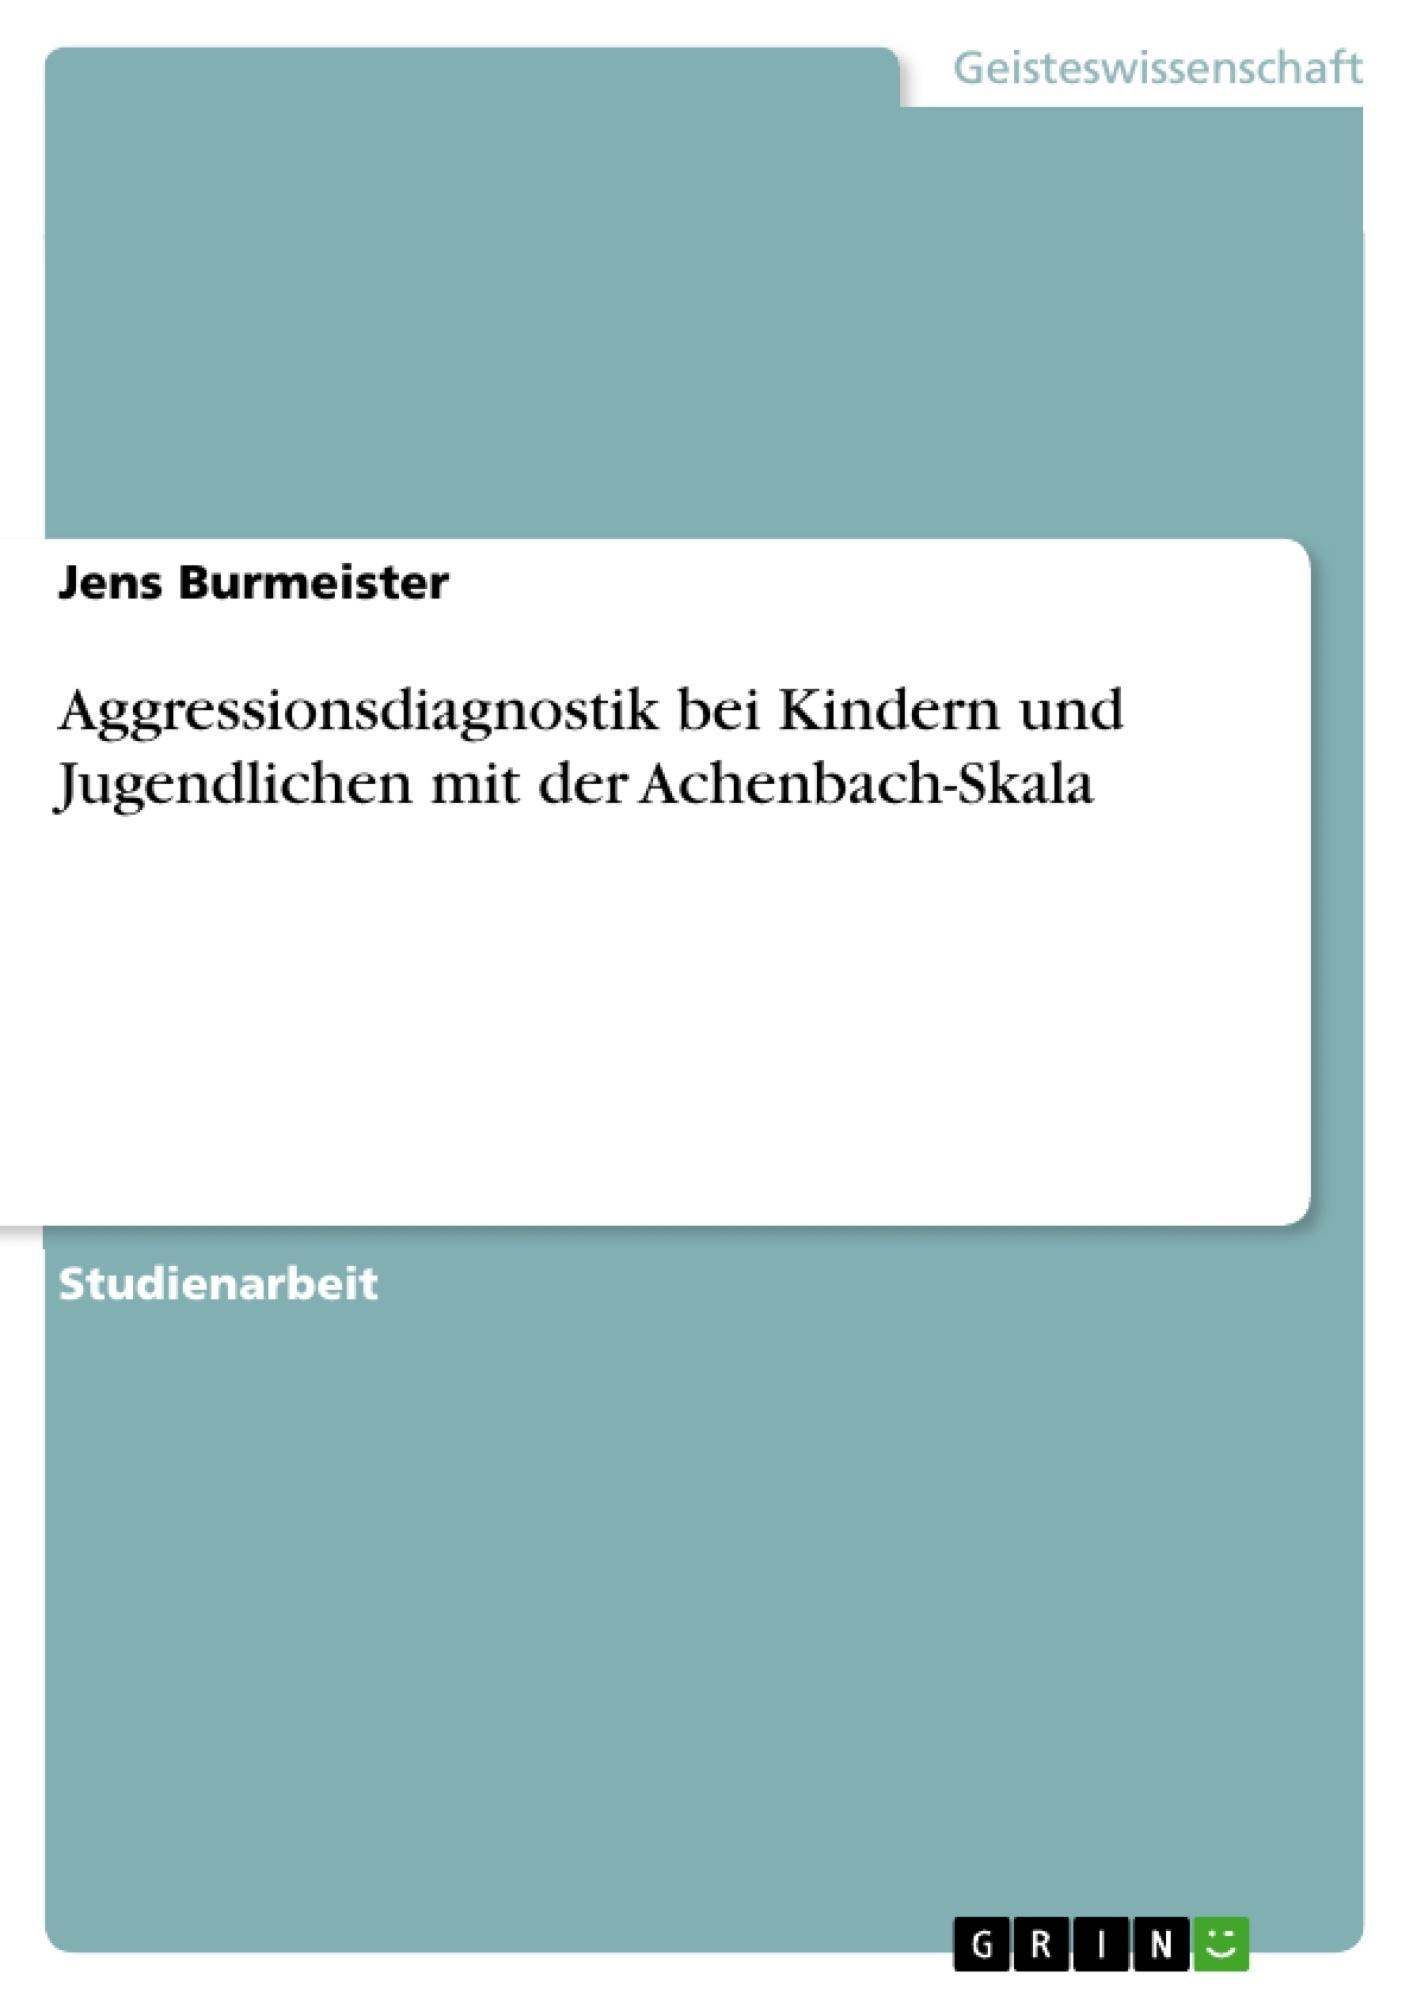 Titel: Aggressionsdiagnostik bei Kindern und Jugendlichen mit der Achenbach-Skala